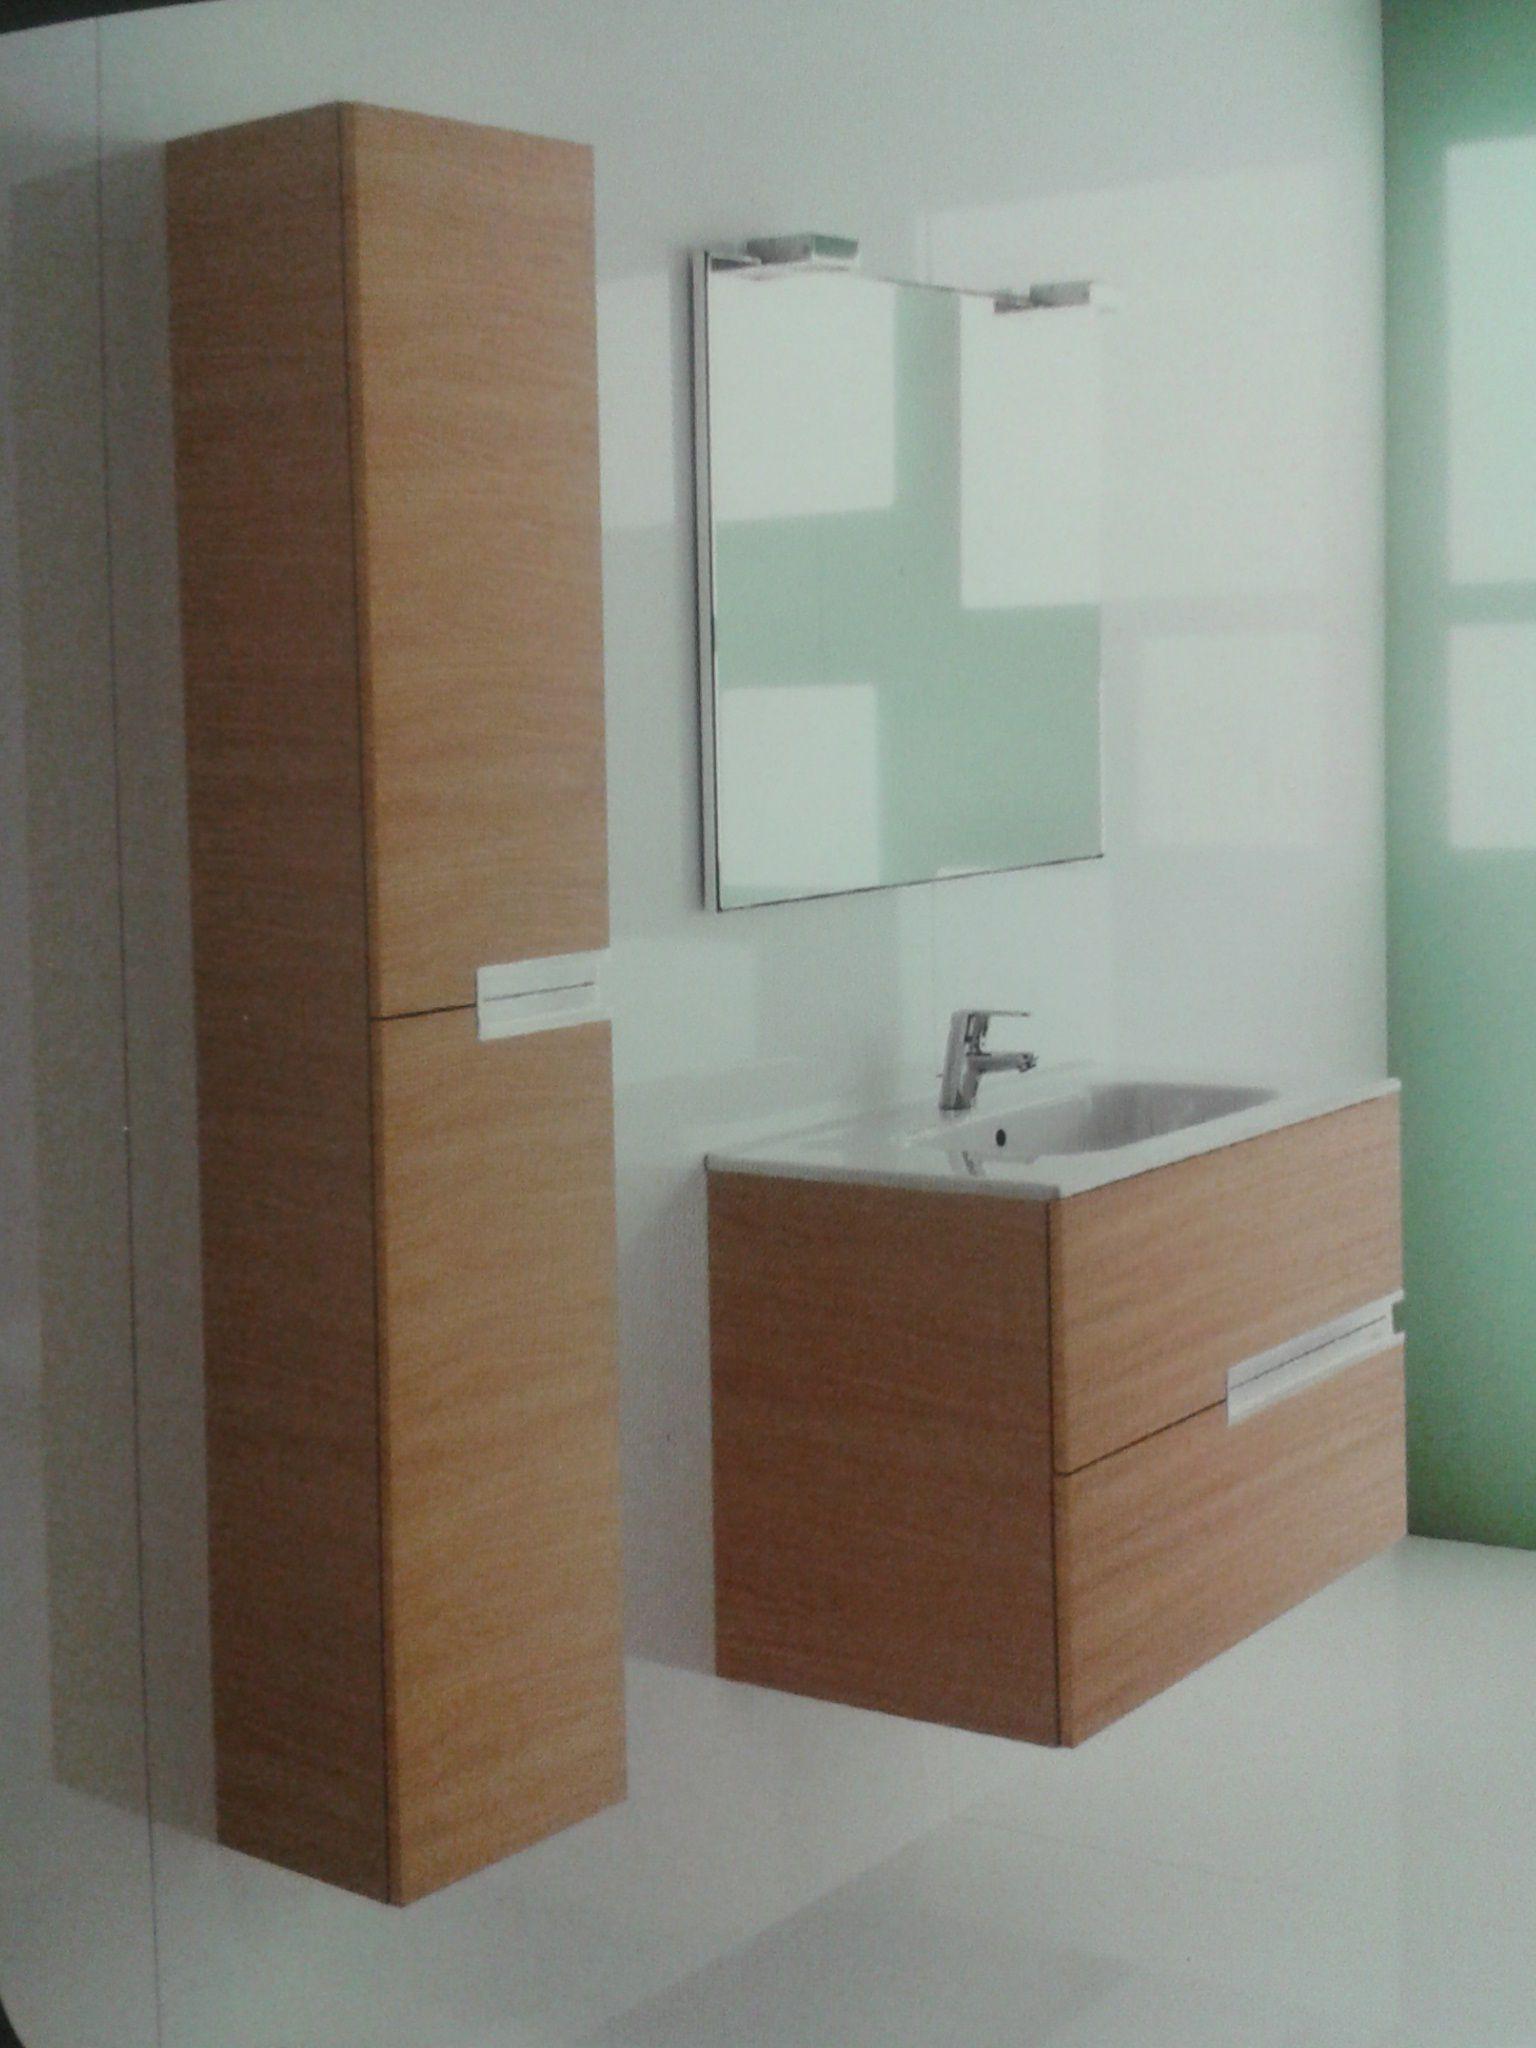 Reformas de baños en Zaragoza - Fontanería Sánchez Vallejo